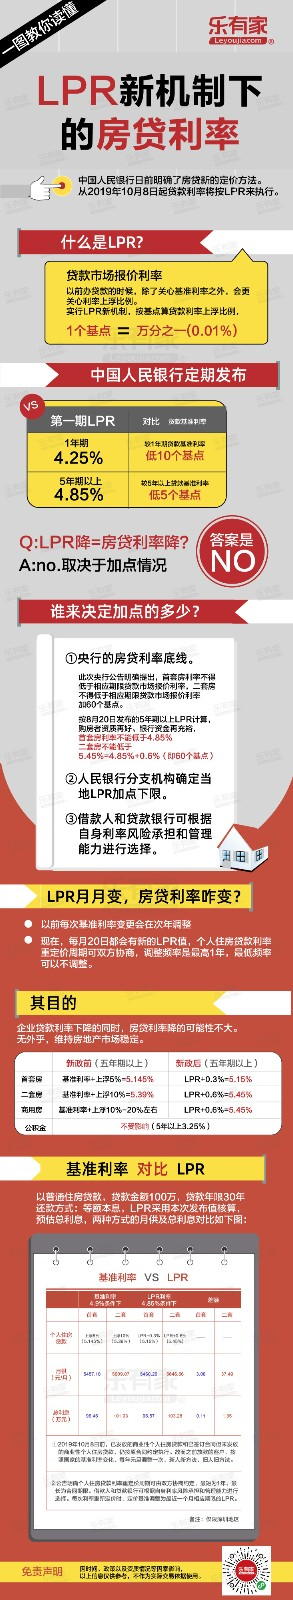 一图教你读懂LPR新机制下的房贷利率.jpg